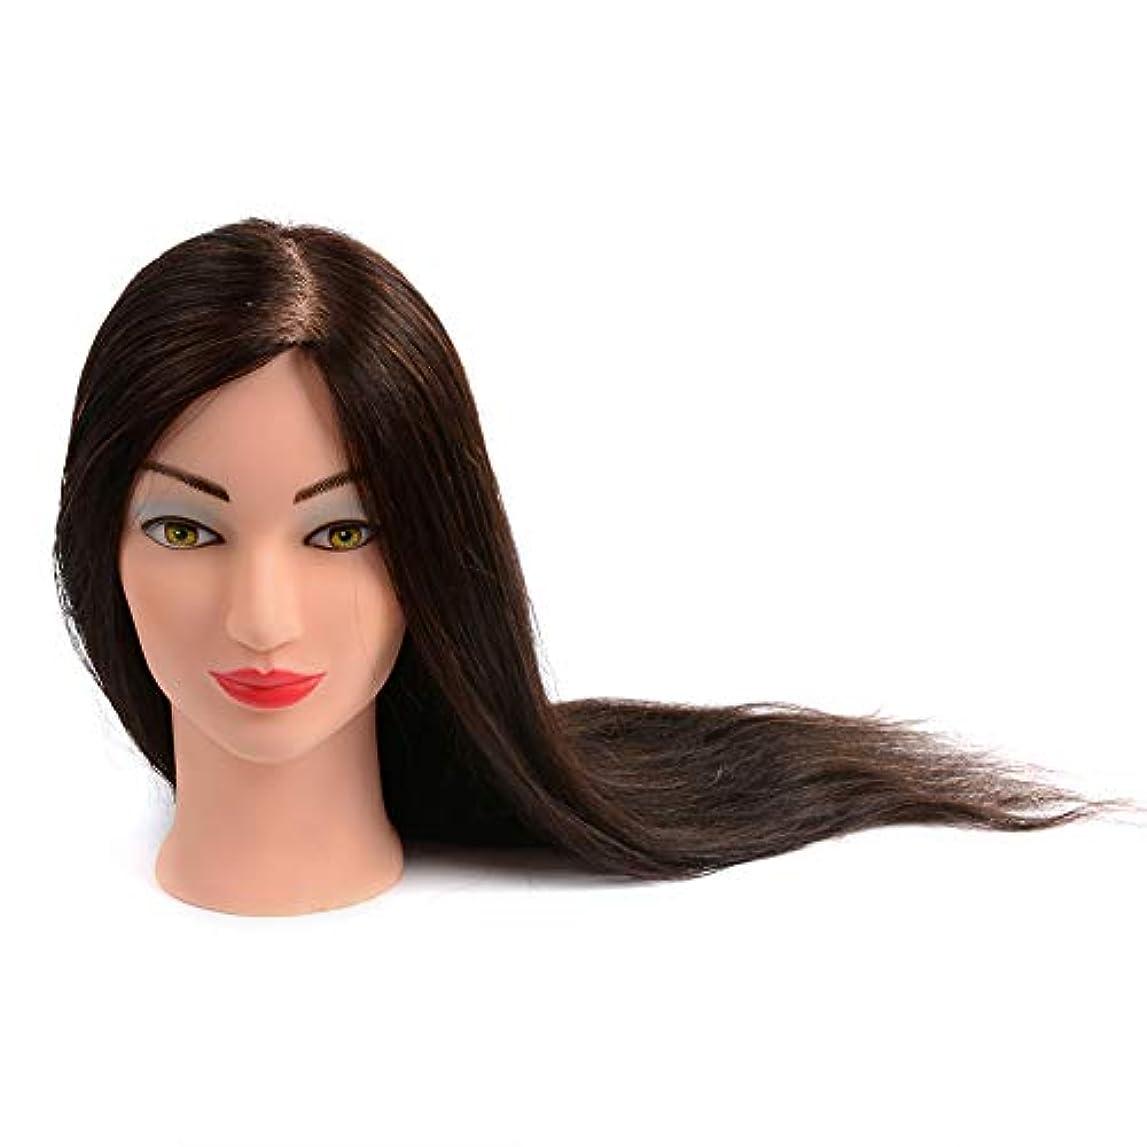 キャンパス知覚的自転車サロン散髪学習ダミーヘッドブライダルメイクスタイリングプラクティスモデルの髪を染めることができ、漂白ティーチングヘッド